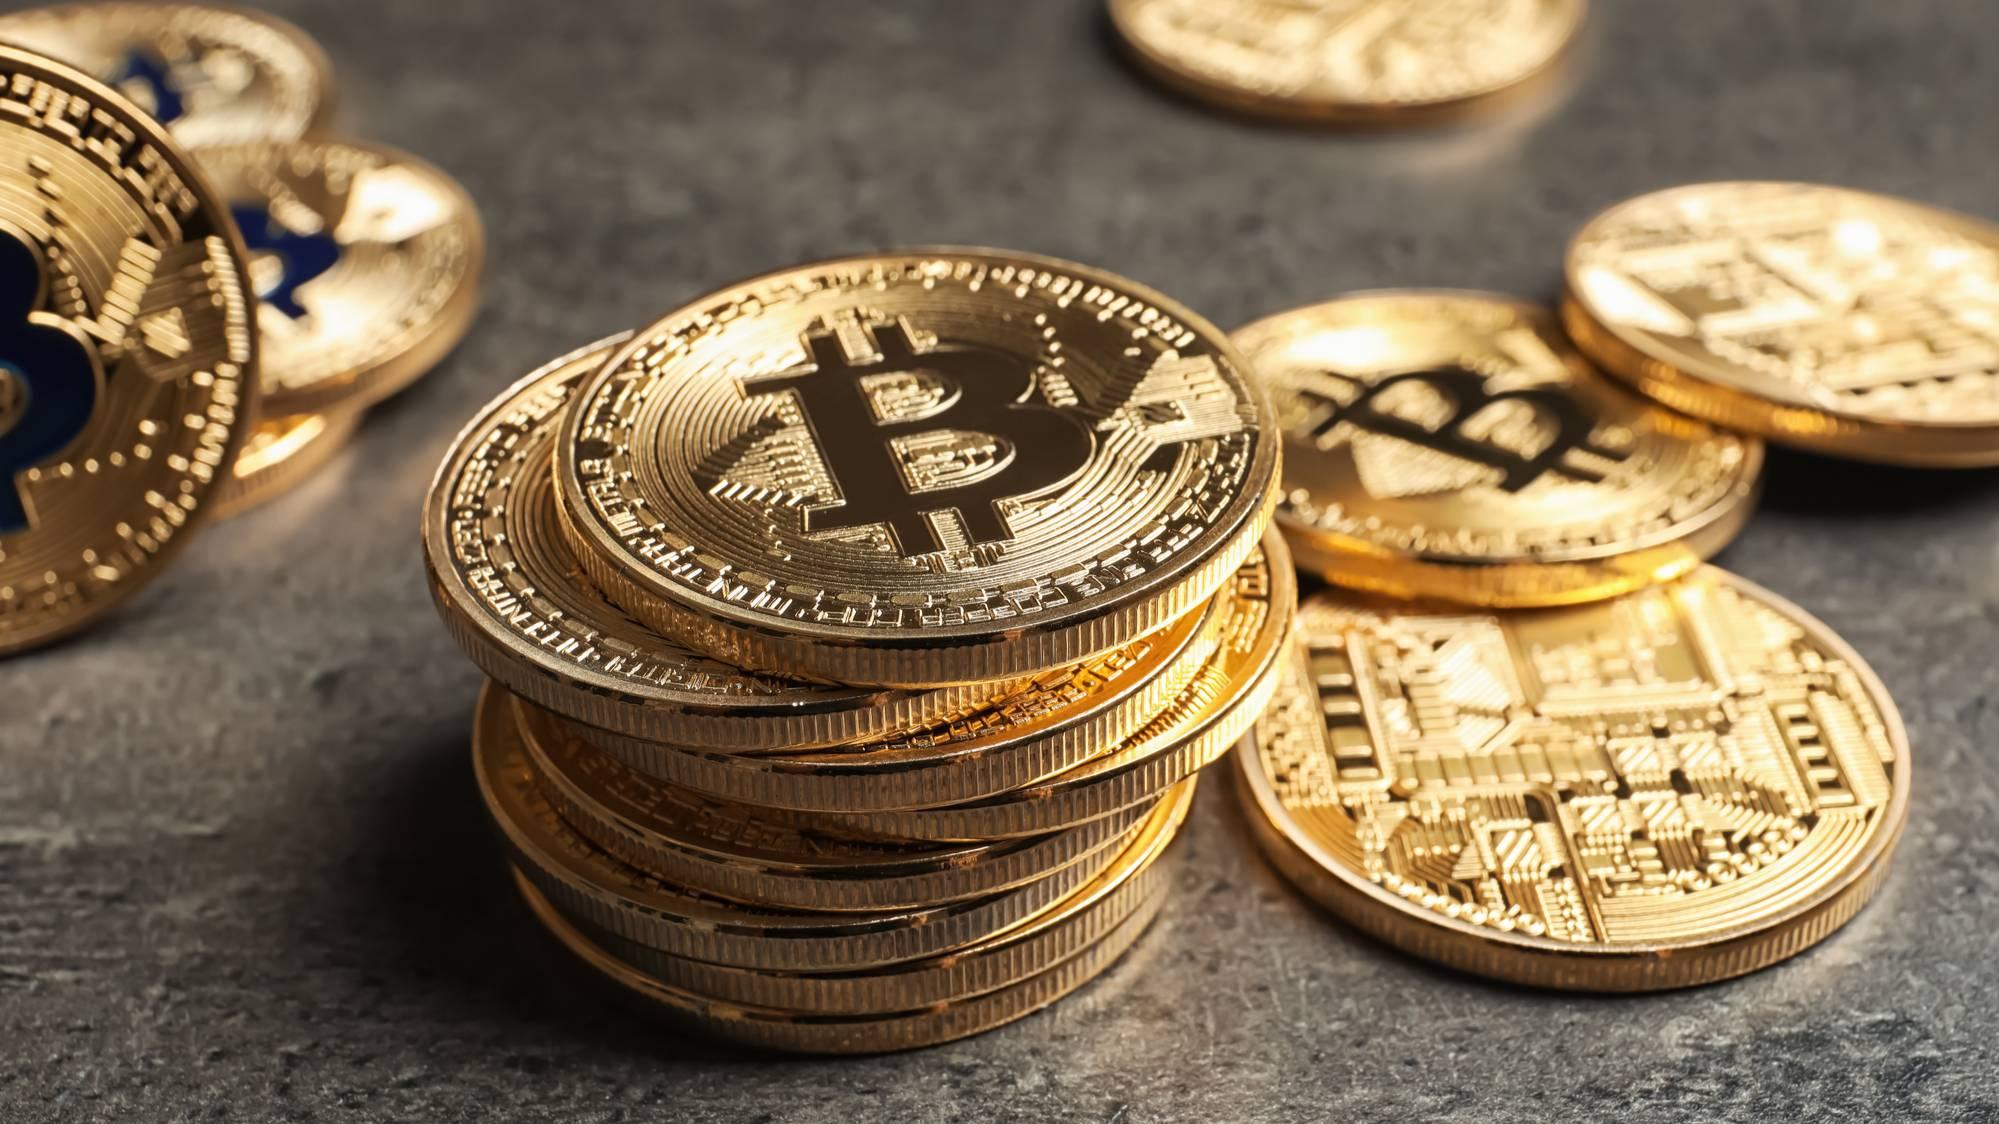 Биткоин ждёт прорыв года: какой рекорд готовится поставить курс криптовалюты к 8 марта